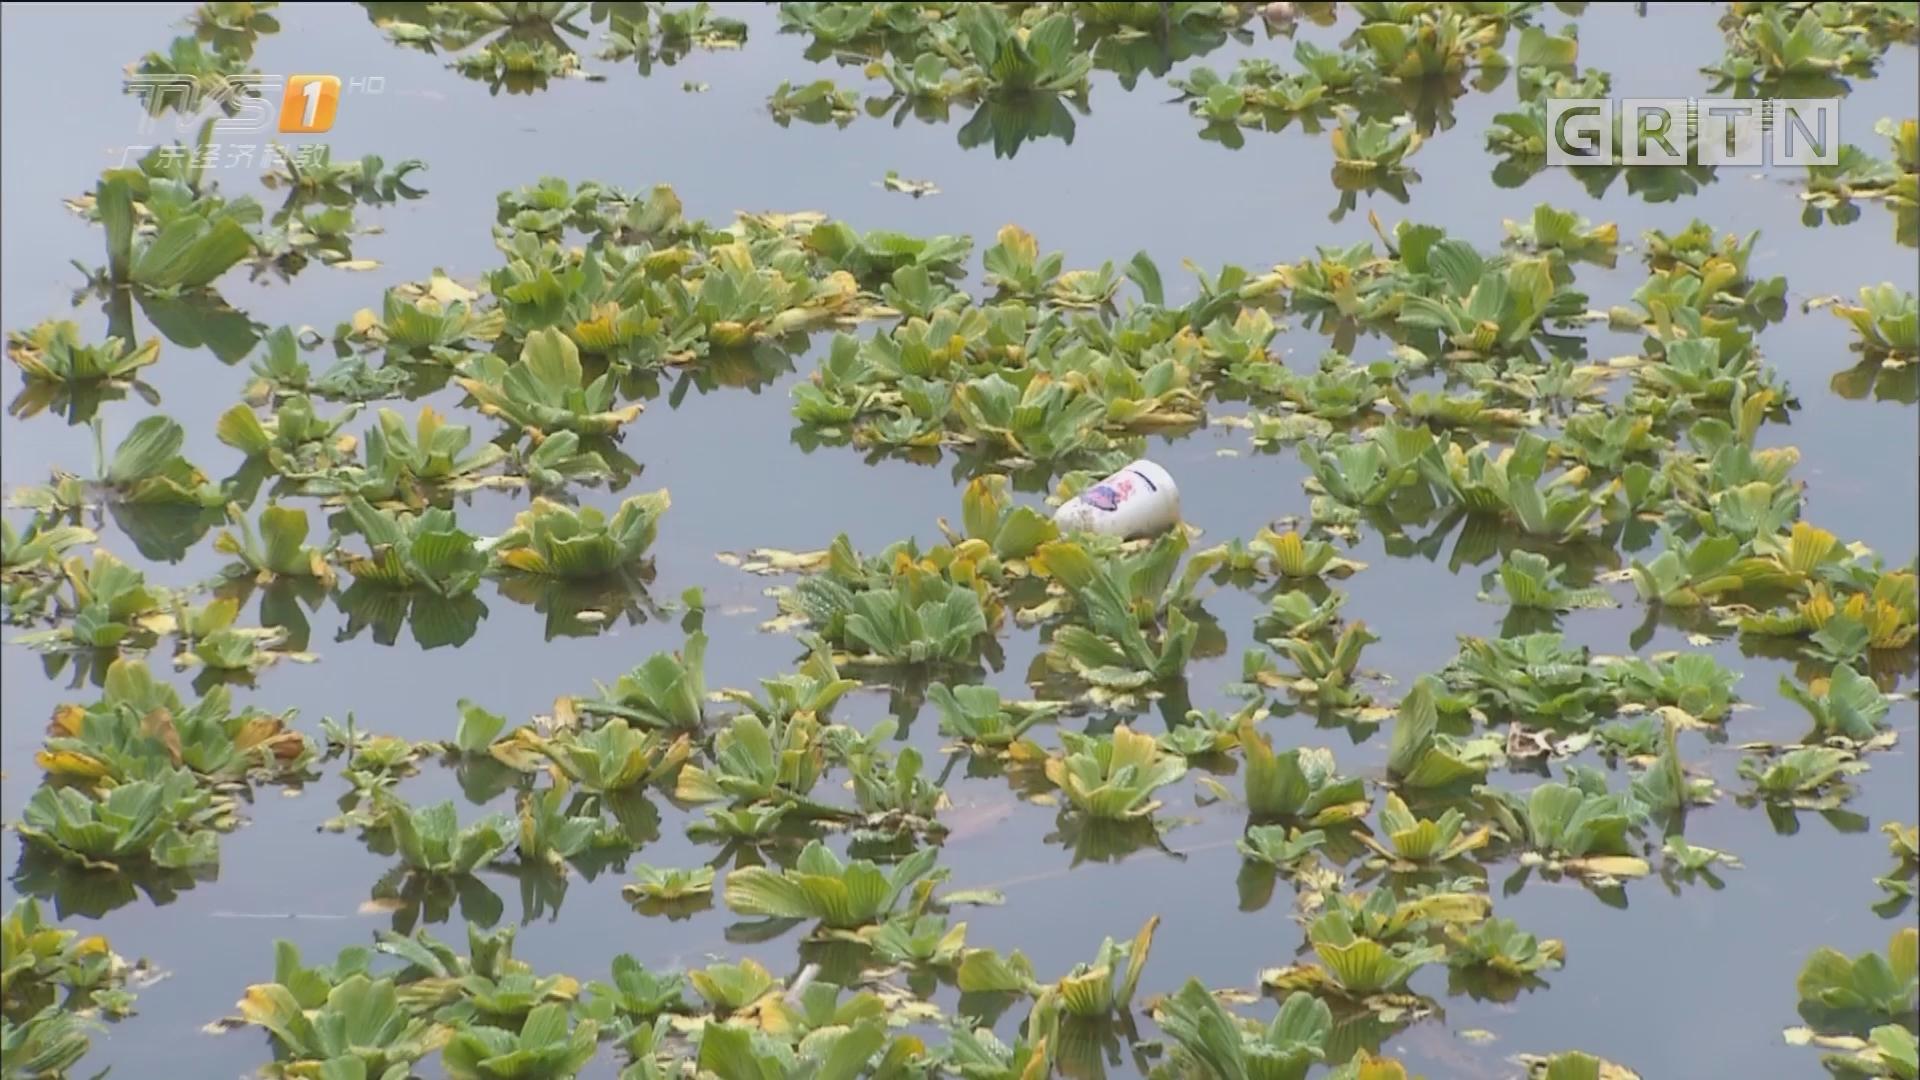 新闻调查:从化流溪河水浮莲疯长 威胁饮用水安全?